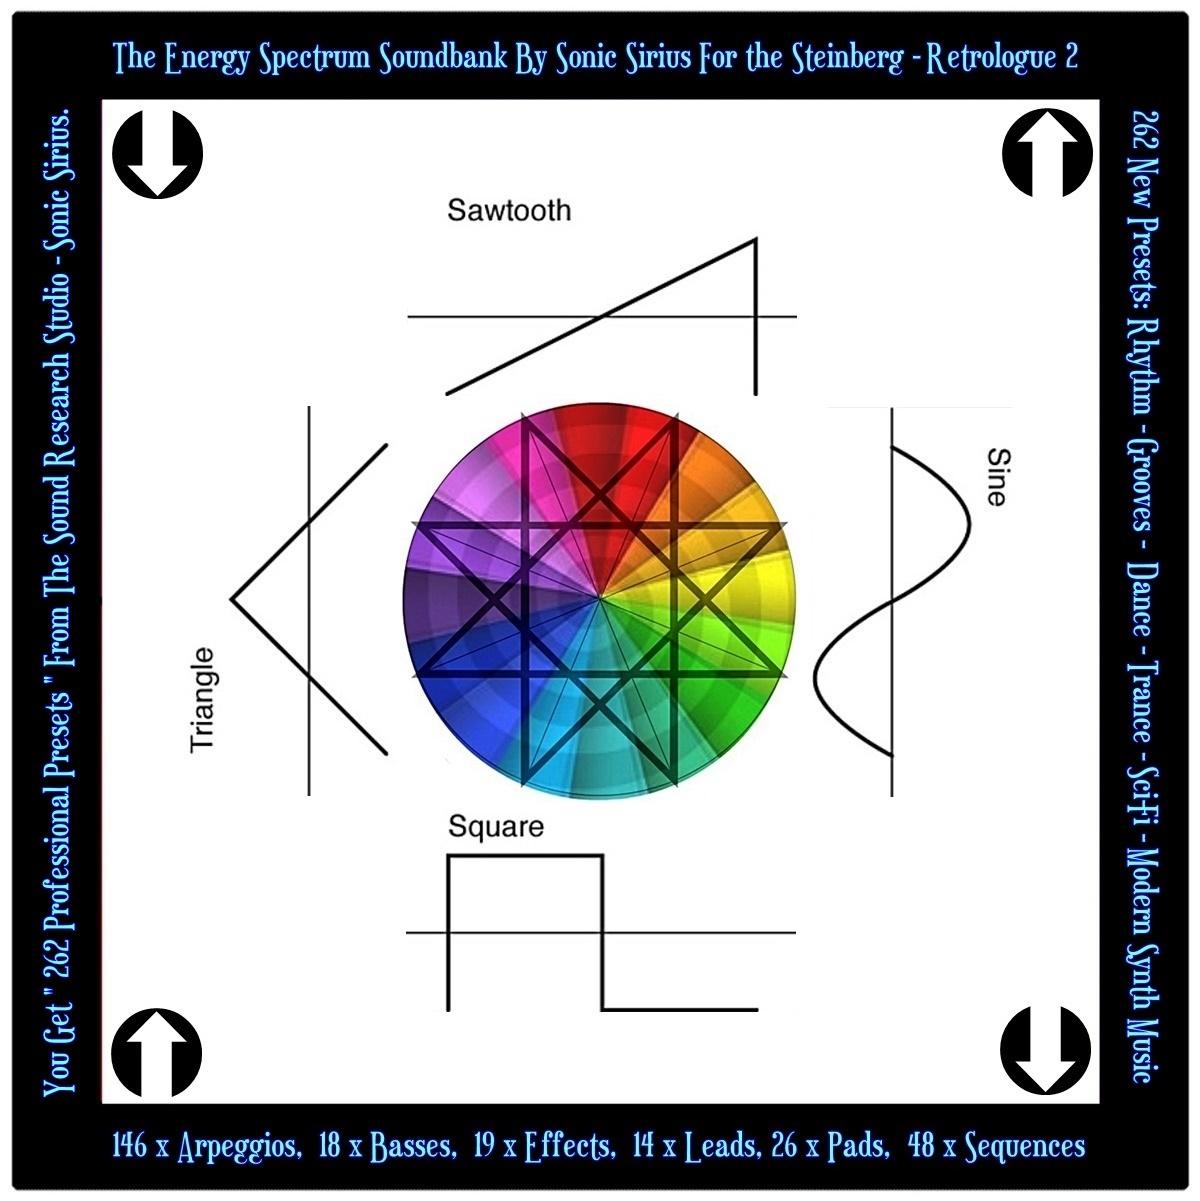 The Energy Spectrum